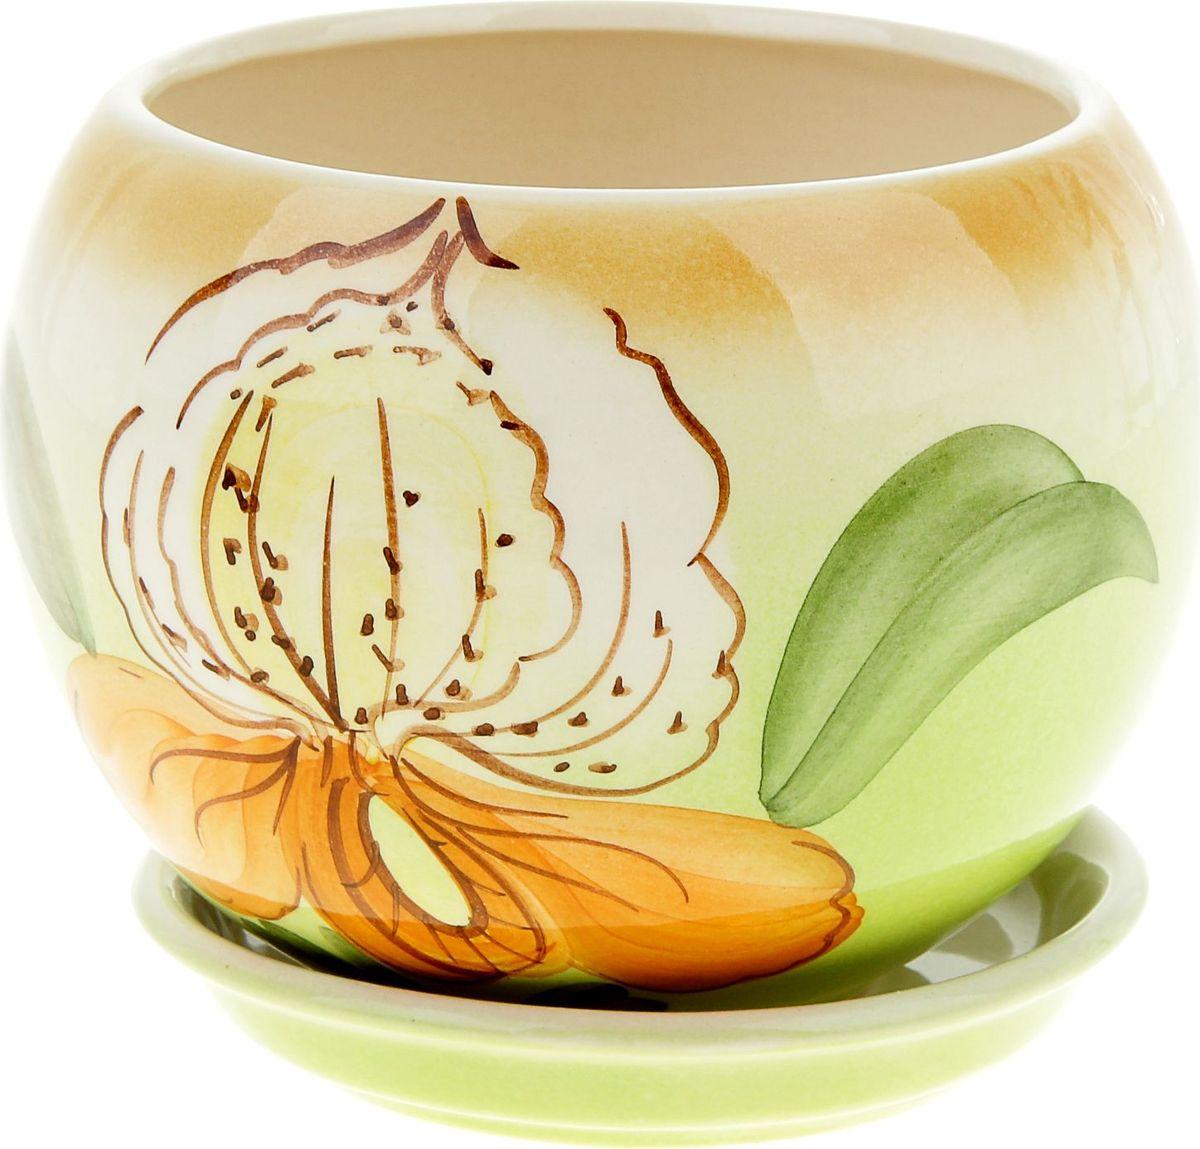 Кашпо Керамика ручной работы Шар. Орхидея, 1,4 л835642Комнатные растения - всеобщие любимцы. Они радуют глаз, насыщают помещение кислородом и украшают пространство. Каждому из них необходим свой удобный и красивый дом. Кашпо из керамики прекрасно подходят для высадки растений:- пористый материал позволяет испаряться лишней влаге;- воздух, необходимый для дыхания корней, проникает сквозь керамические стенки. Кашпо Шар. Орхидея позаботится о зеленом питомце, освежит интерьер и подчеркнет его стиль.